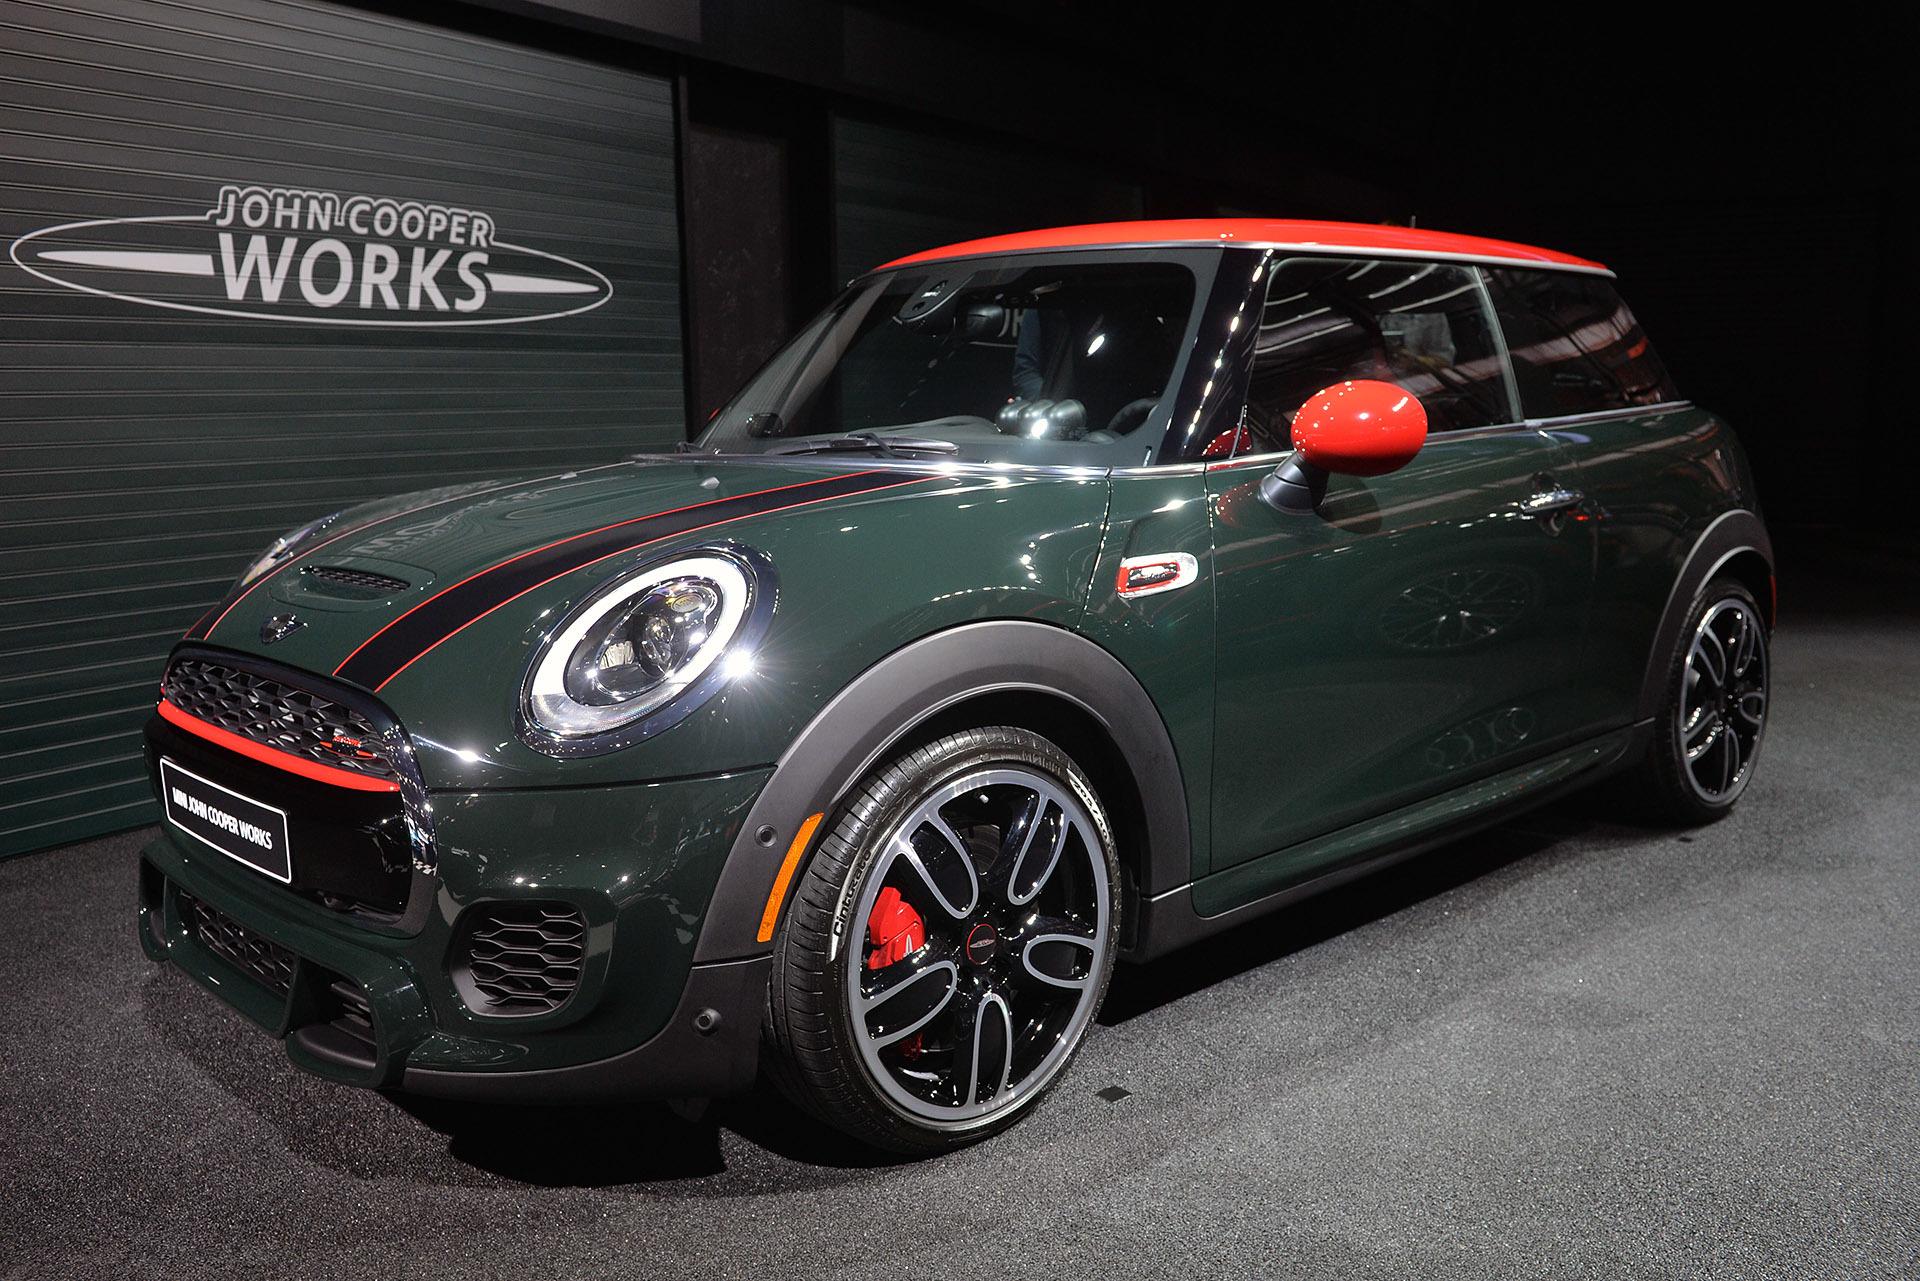 【北米国際自動車ショー2015】最高出力は231馬力! ミニ史上最もパワフルな新型「JCW」が公開